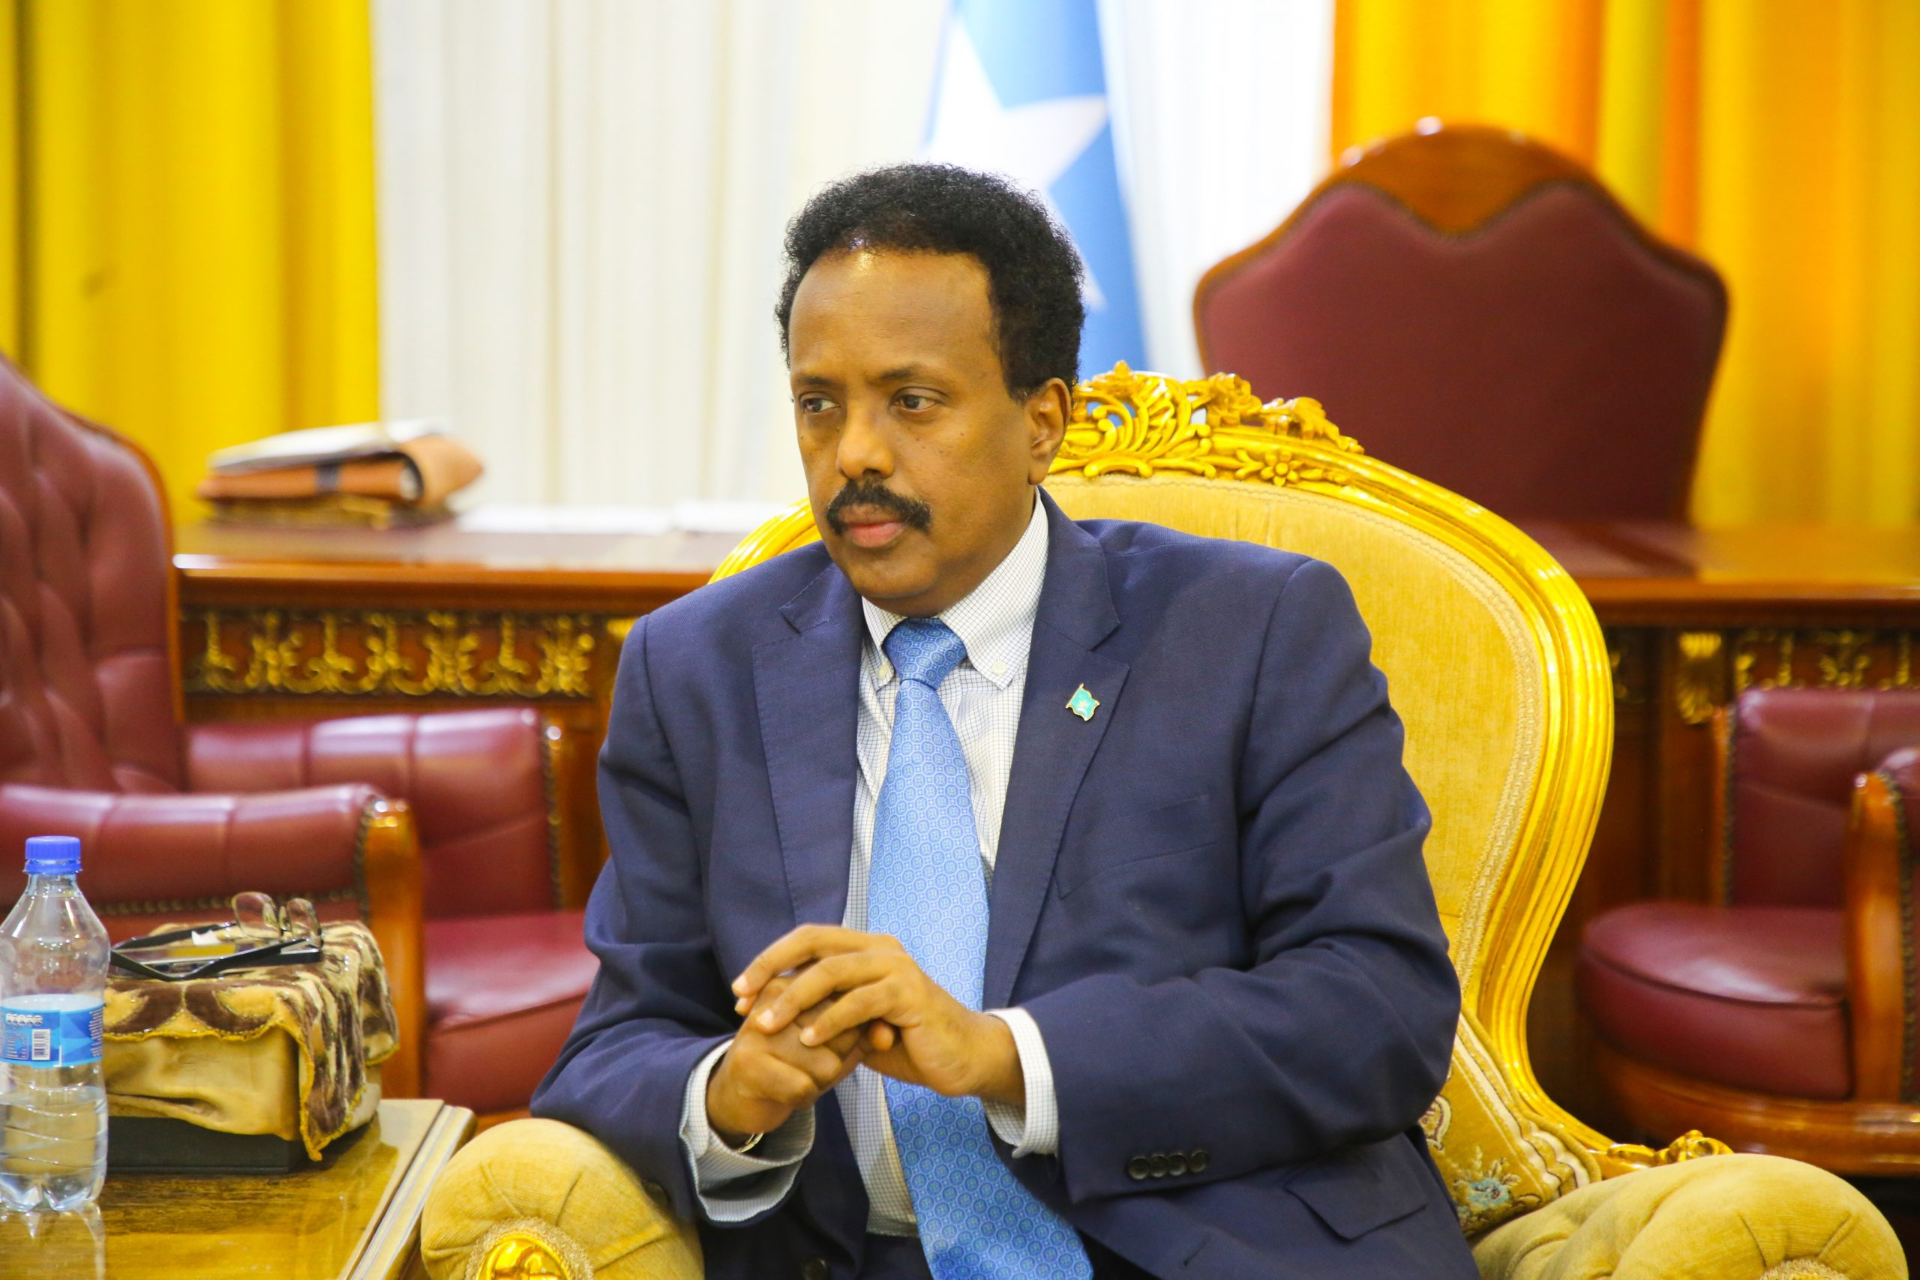 Why is Kenya begging the ungrateful Somalia?